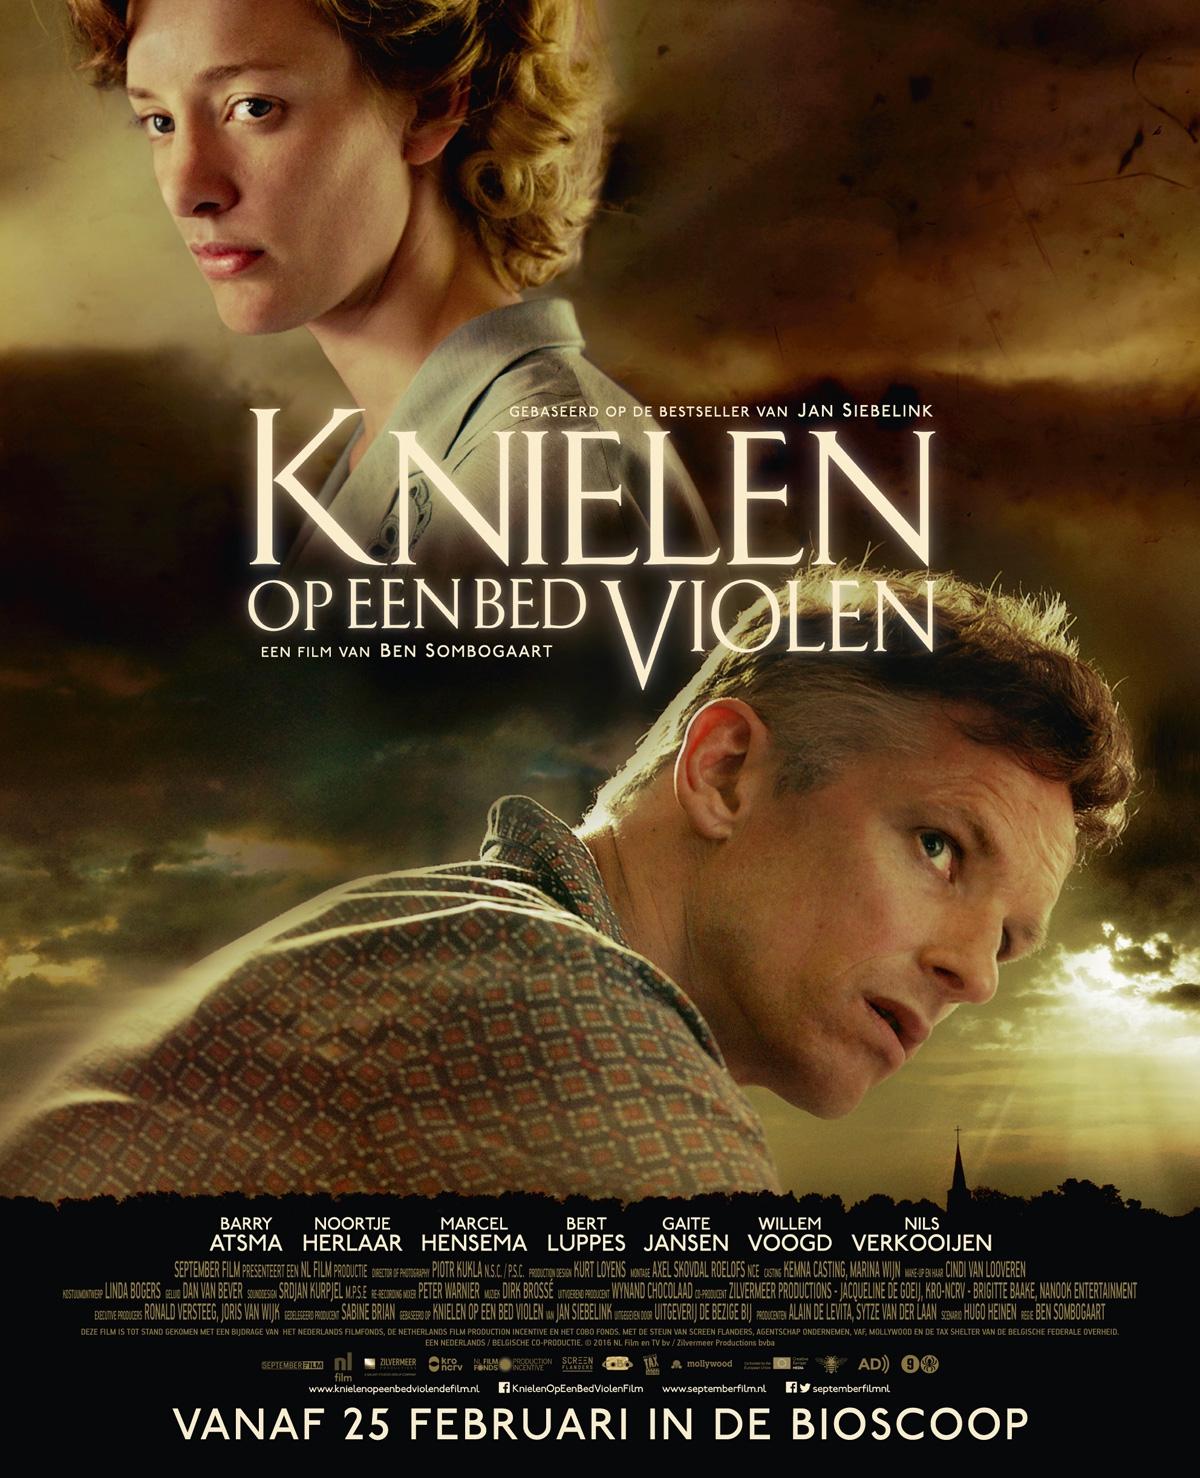 Win bioscoopkaarten voor 'Knielen op een bed violen'